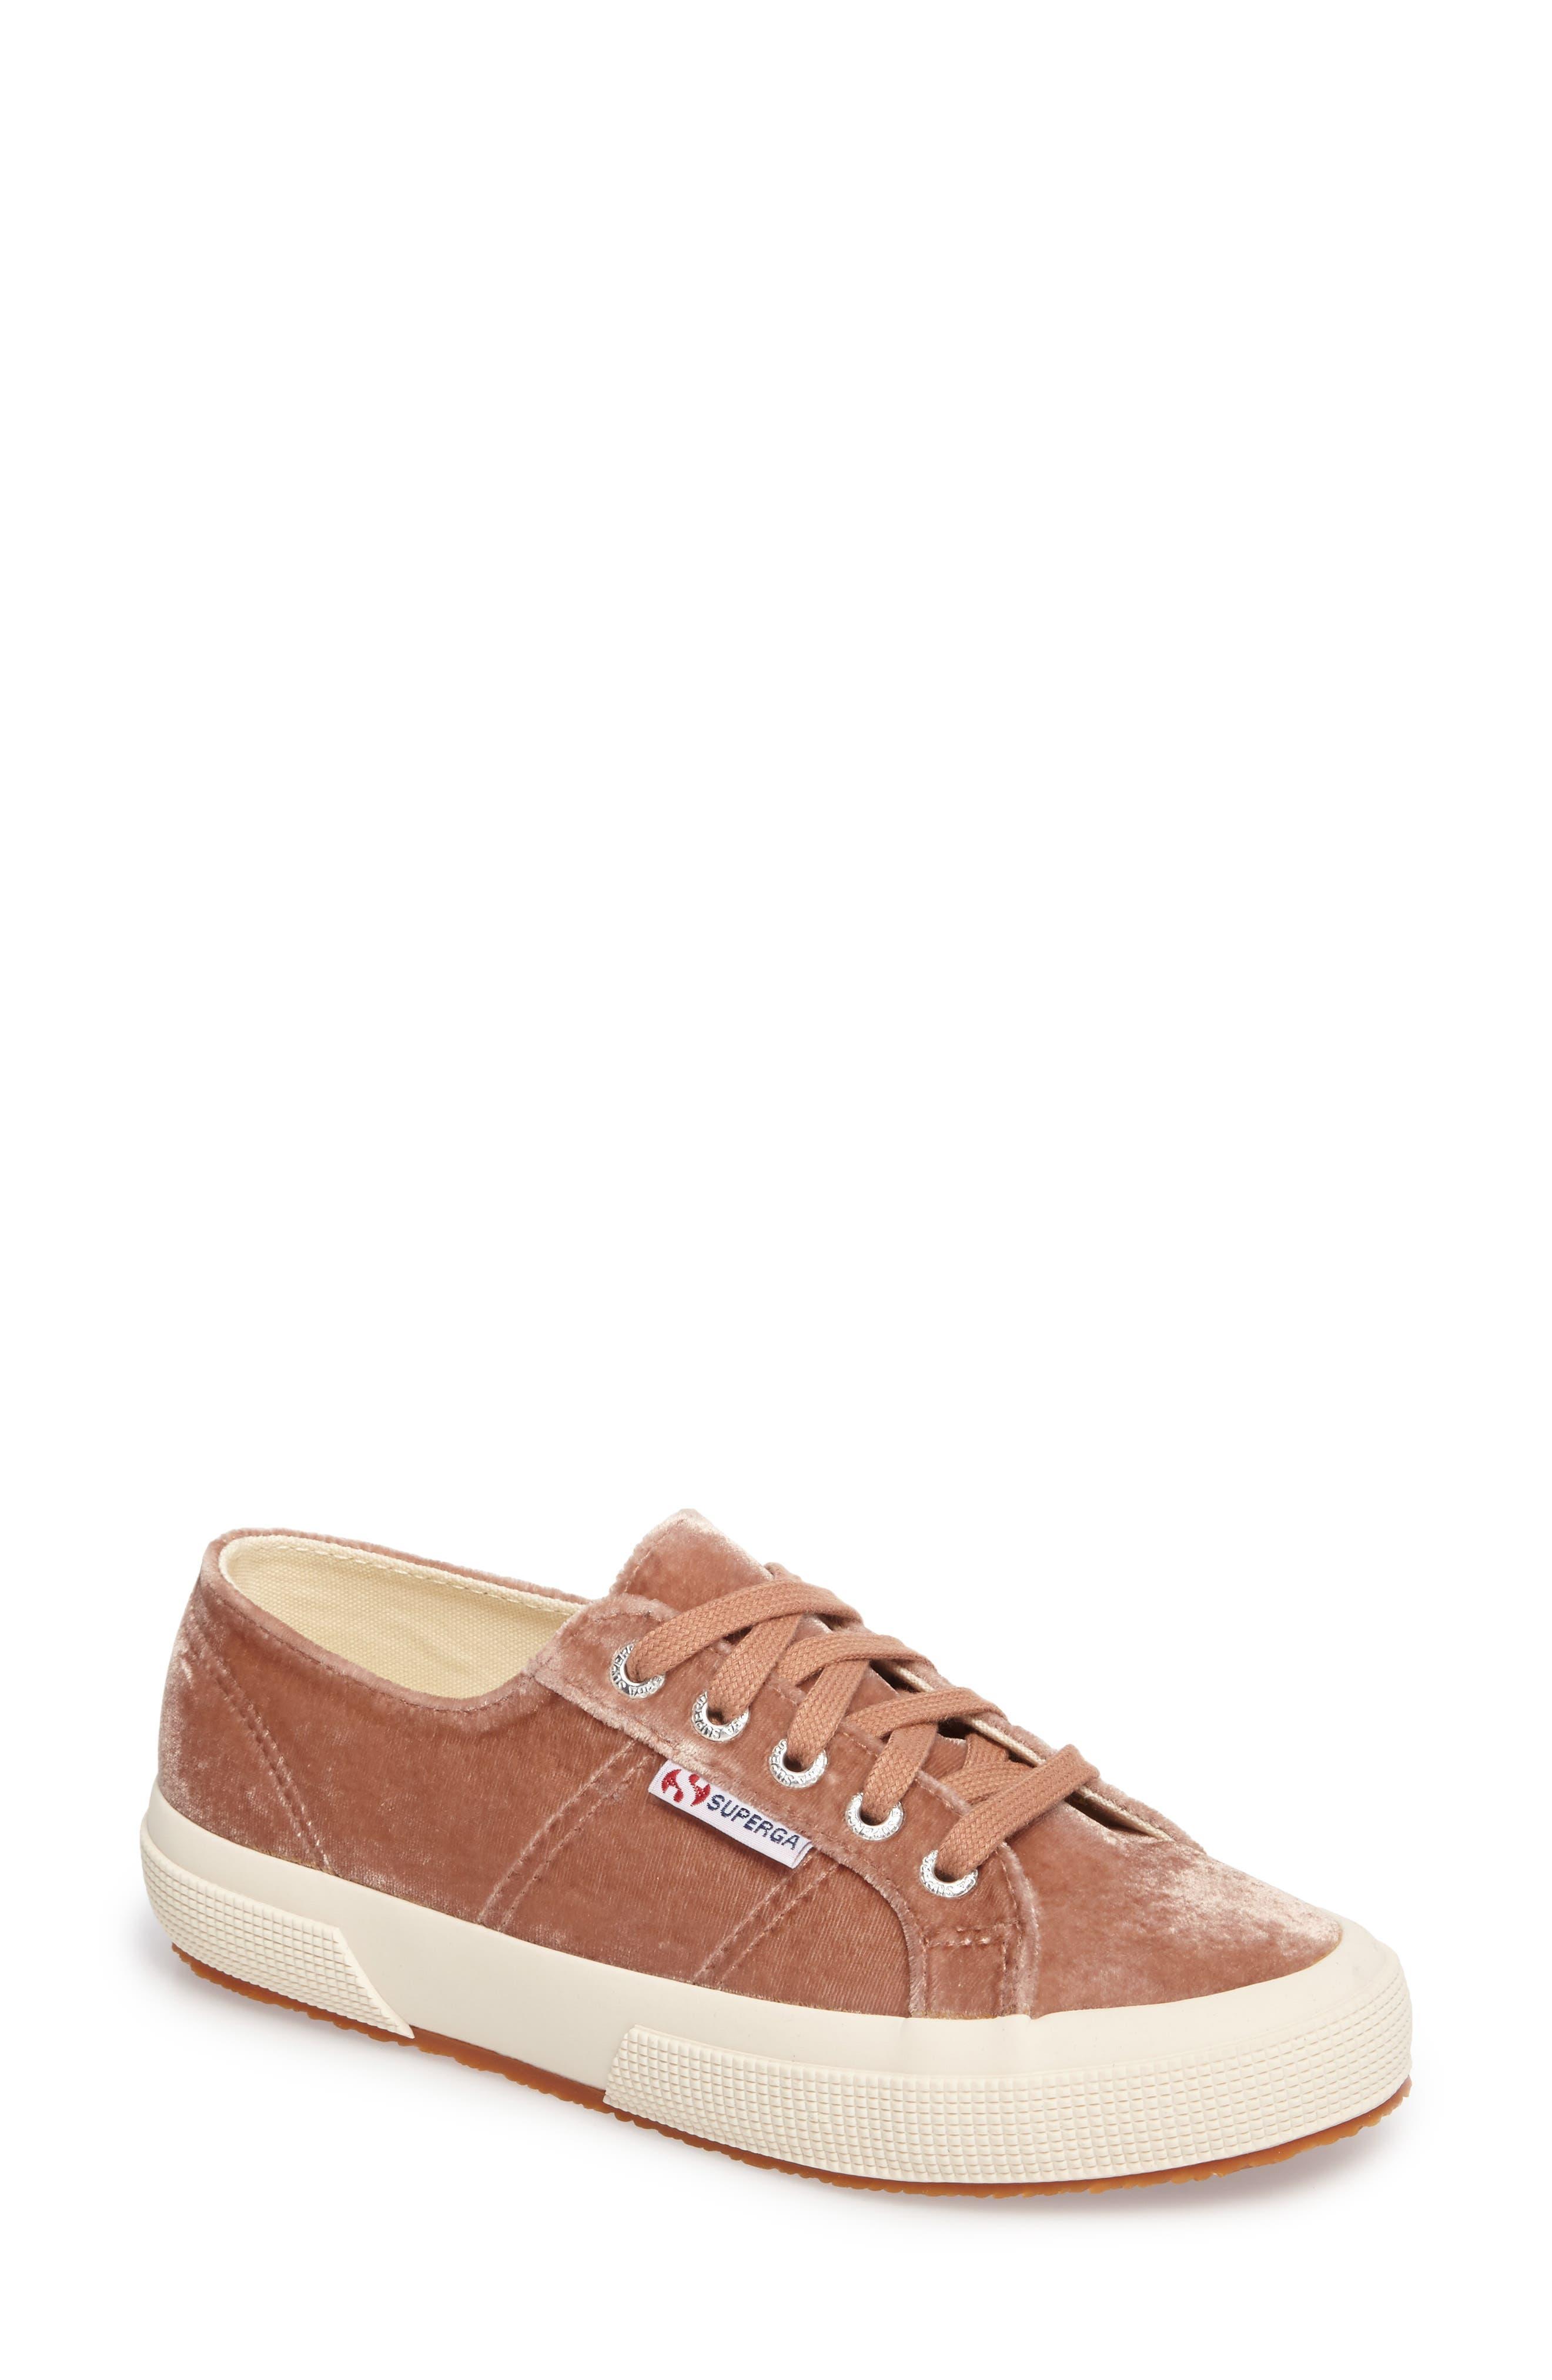 Cotu Classic Sneaker,                             Main thumbnail 1, color,                             650